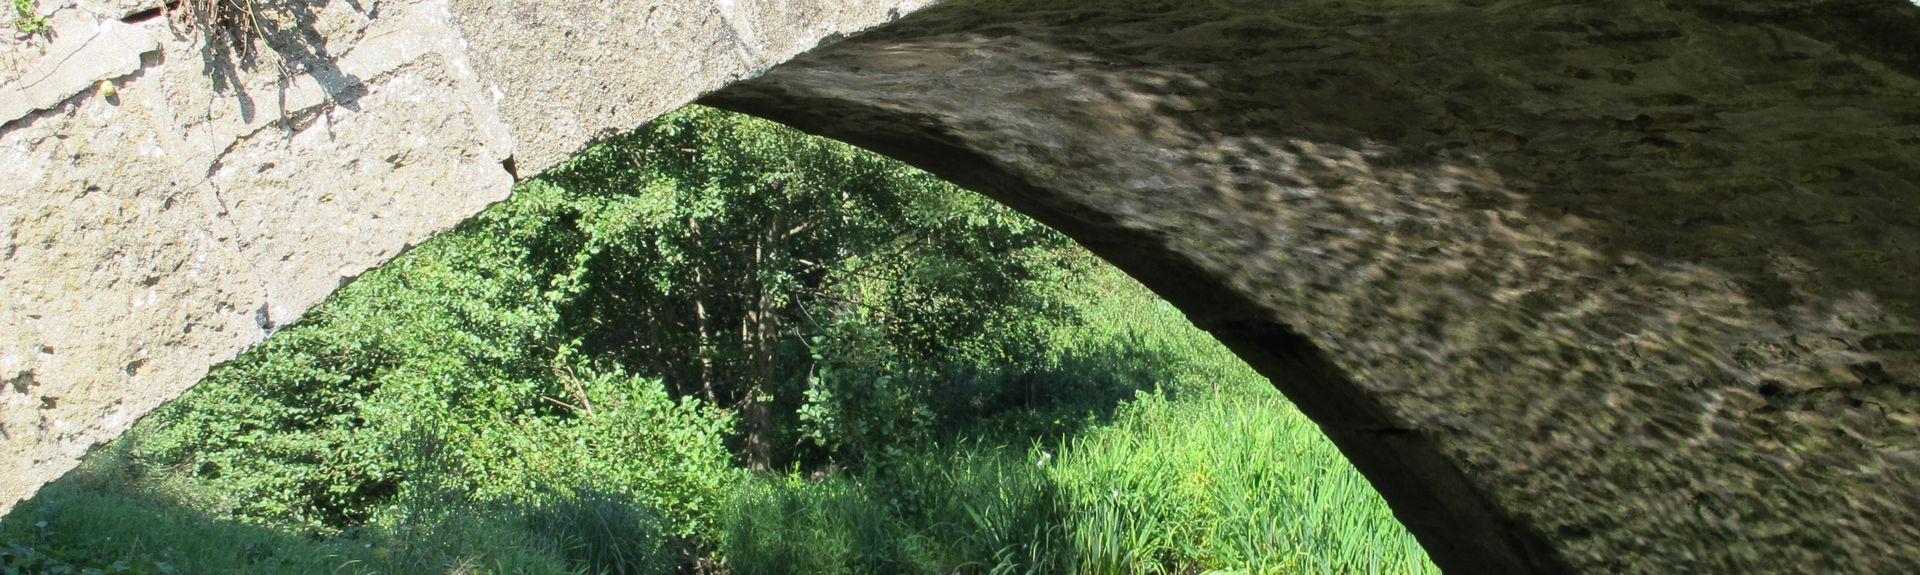 Semur-en-Auxois, Bourgogne-Franche-Comté, France